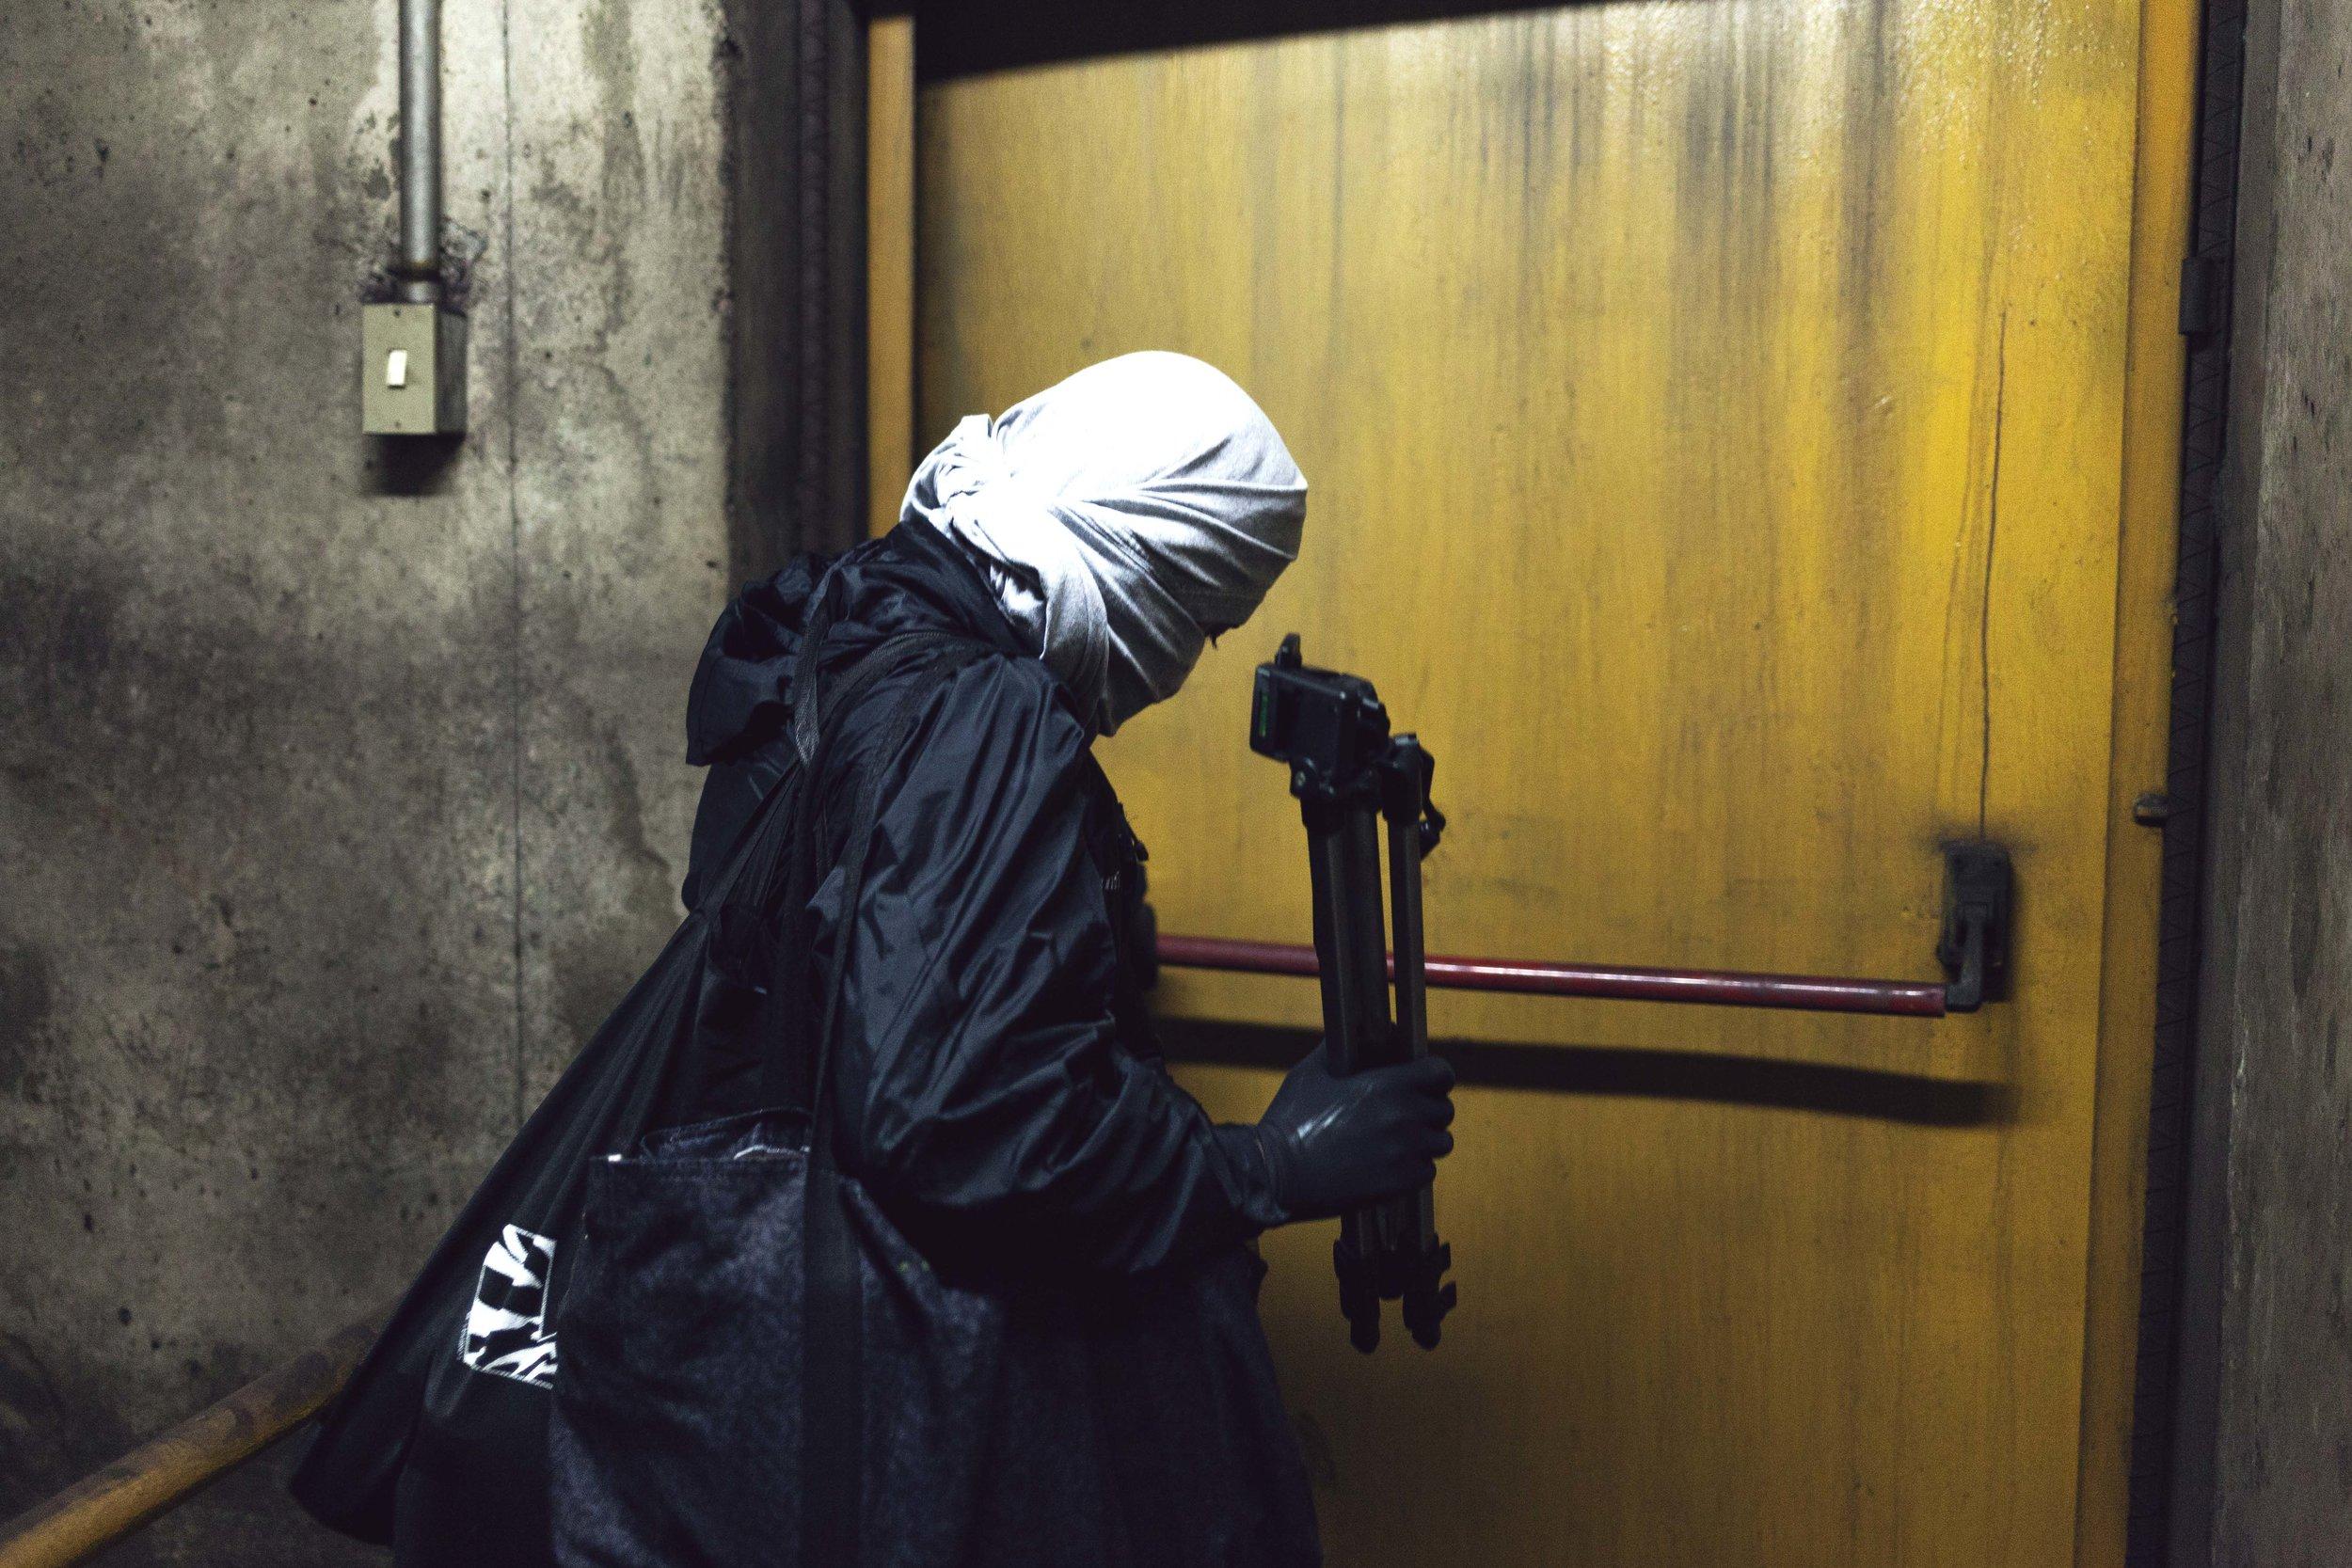 Loureiro_Caracas by Night_52.jpg